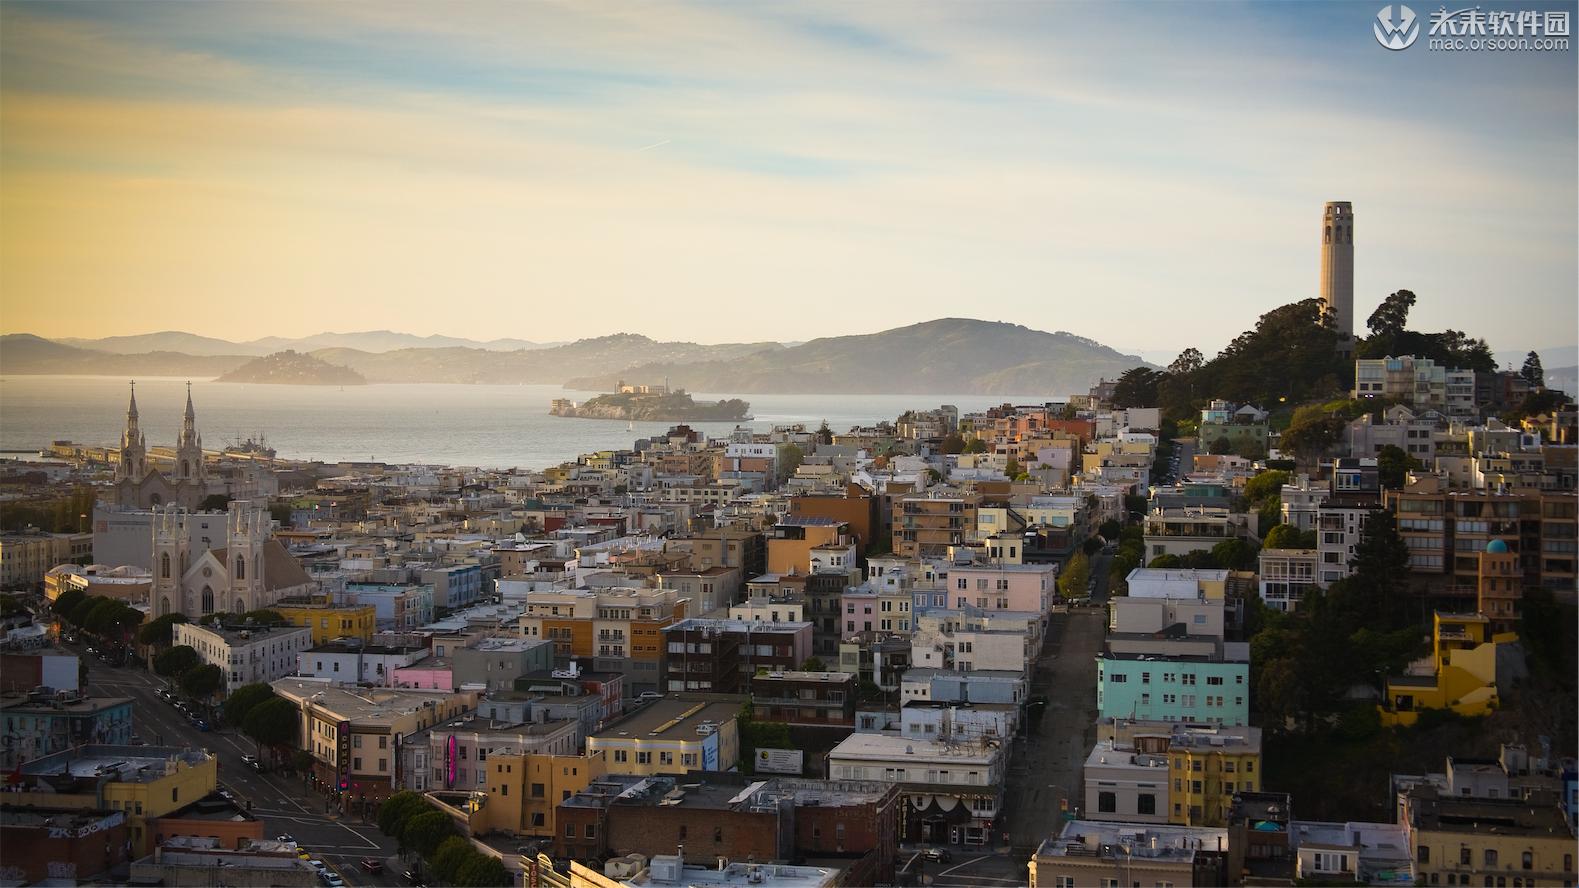 旧金山市区风光壁纸